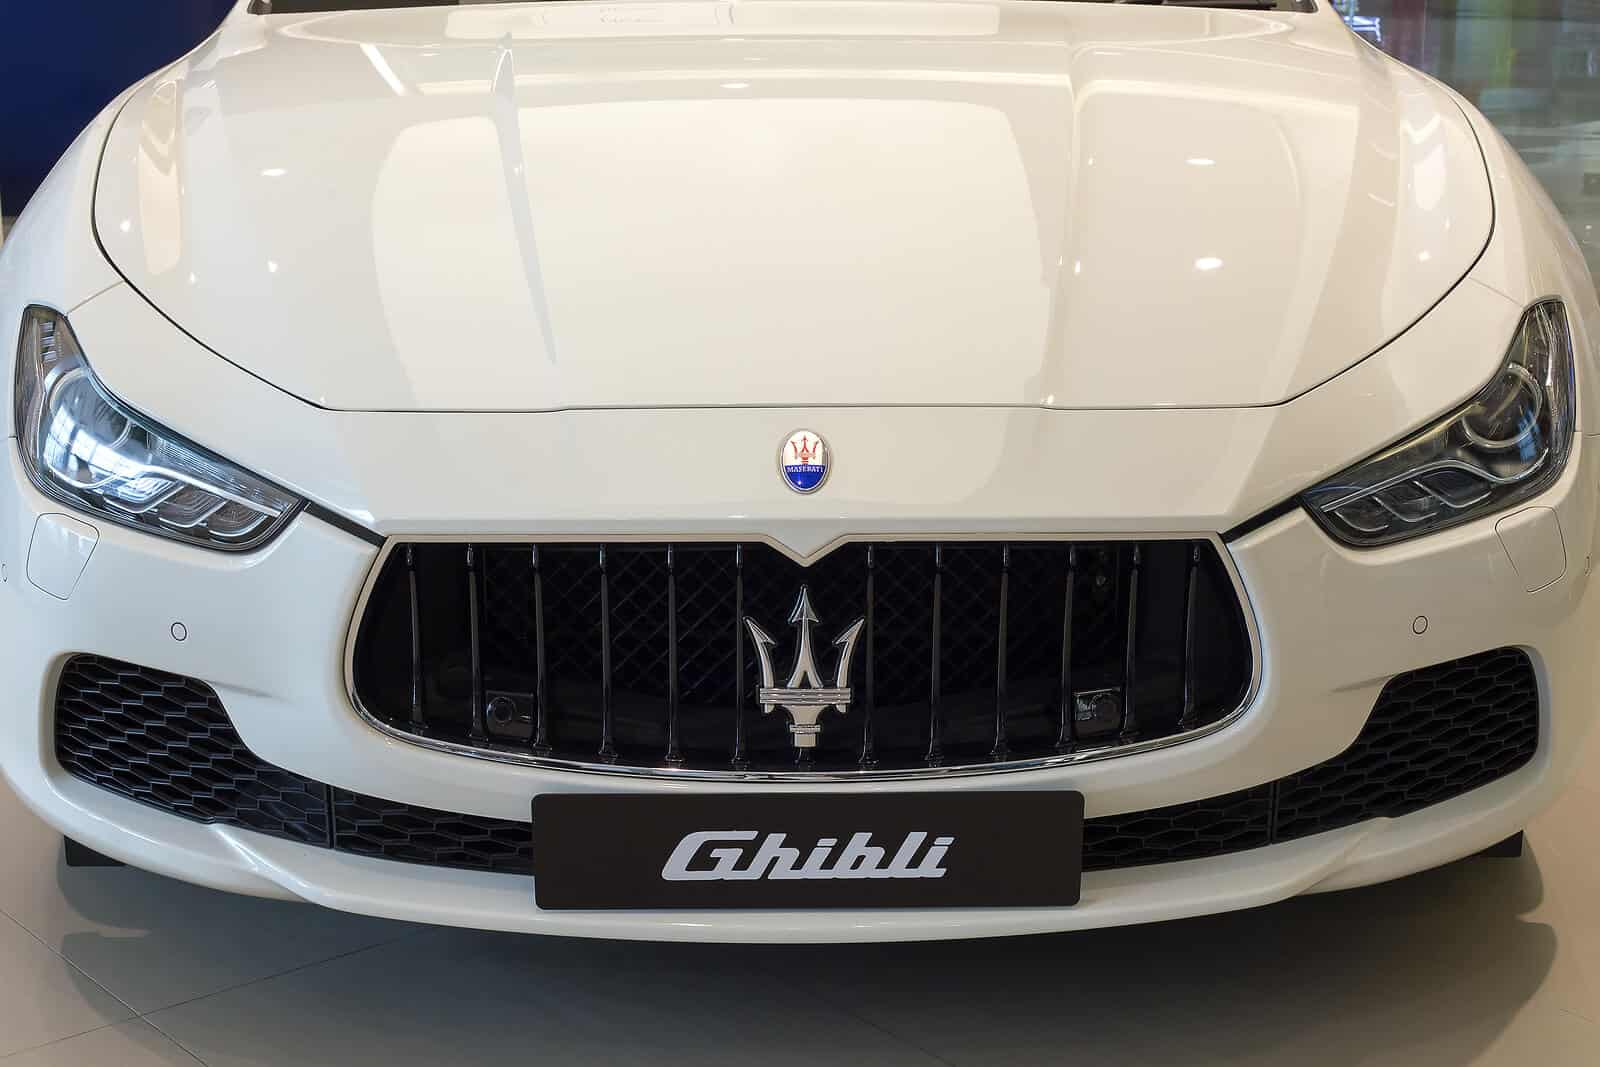 Hood of white Maserati